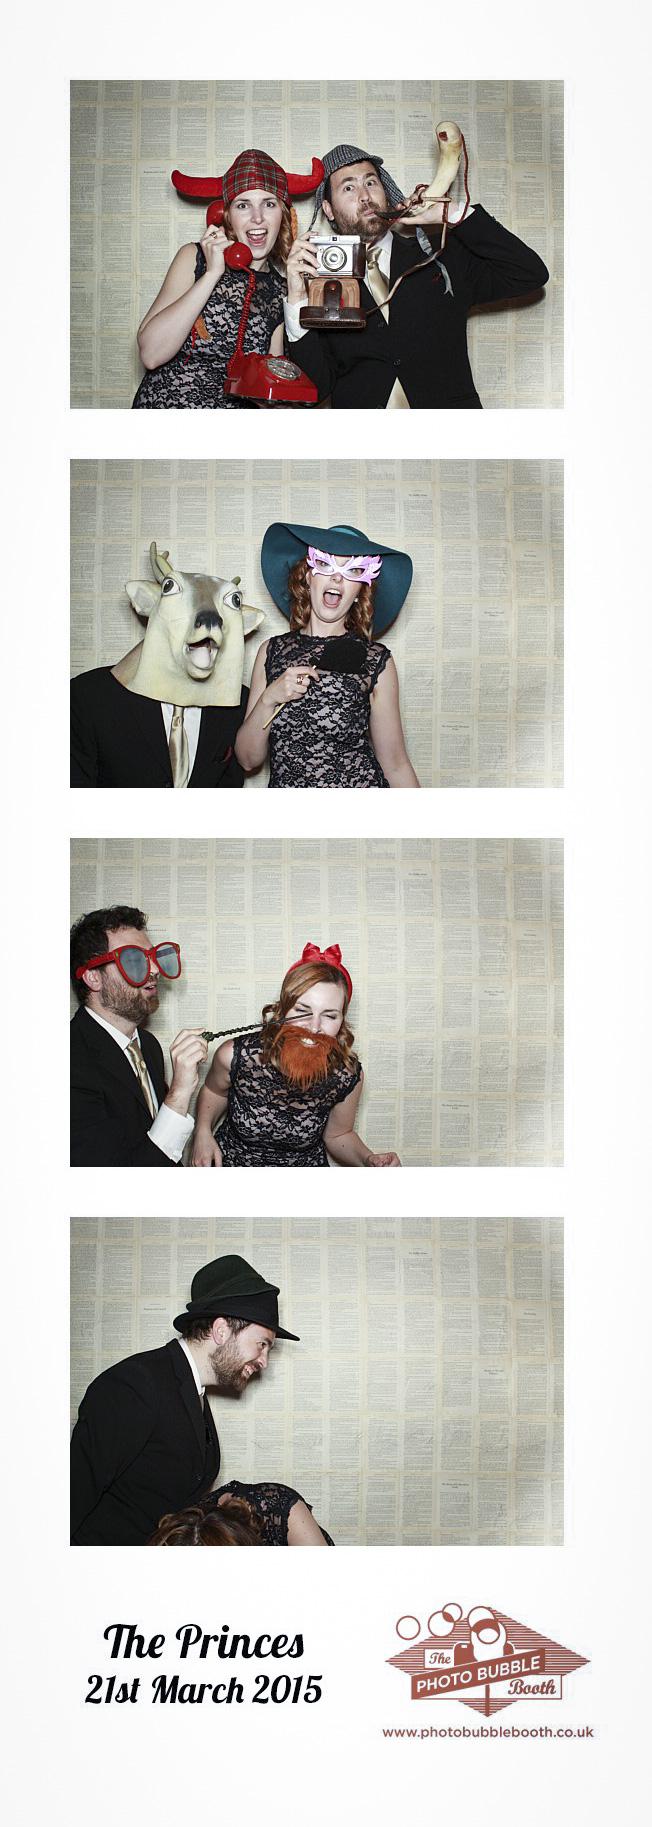 Jay & Andrew Photobubble booth_4.JPG